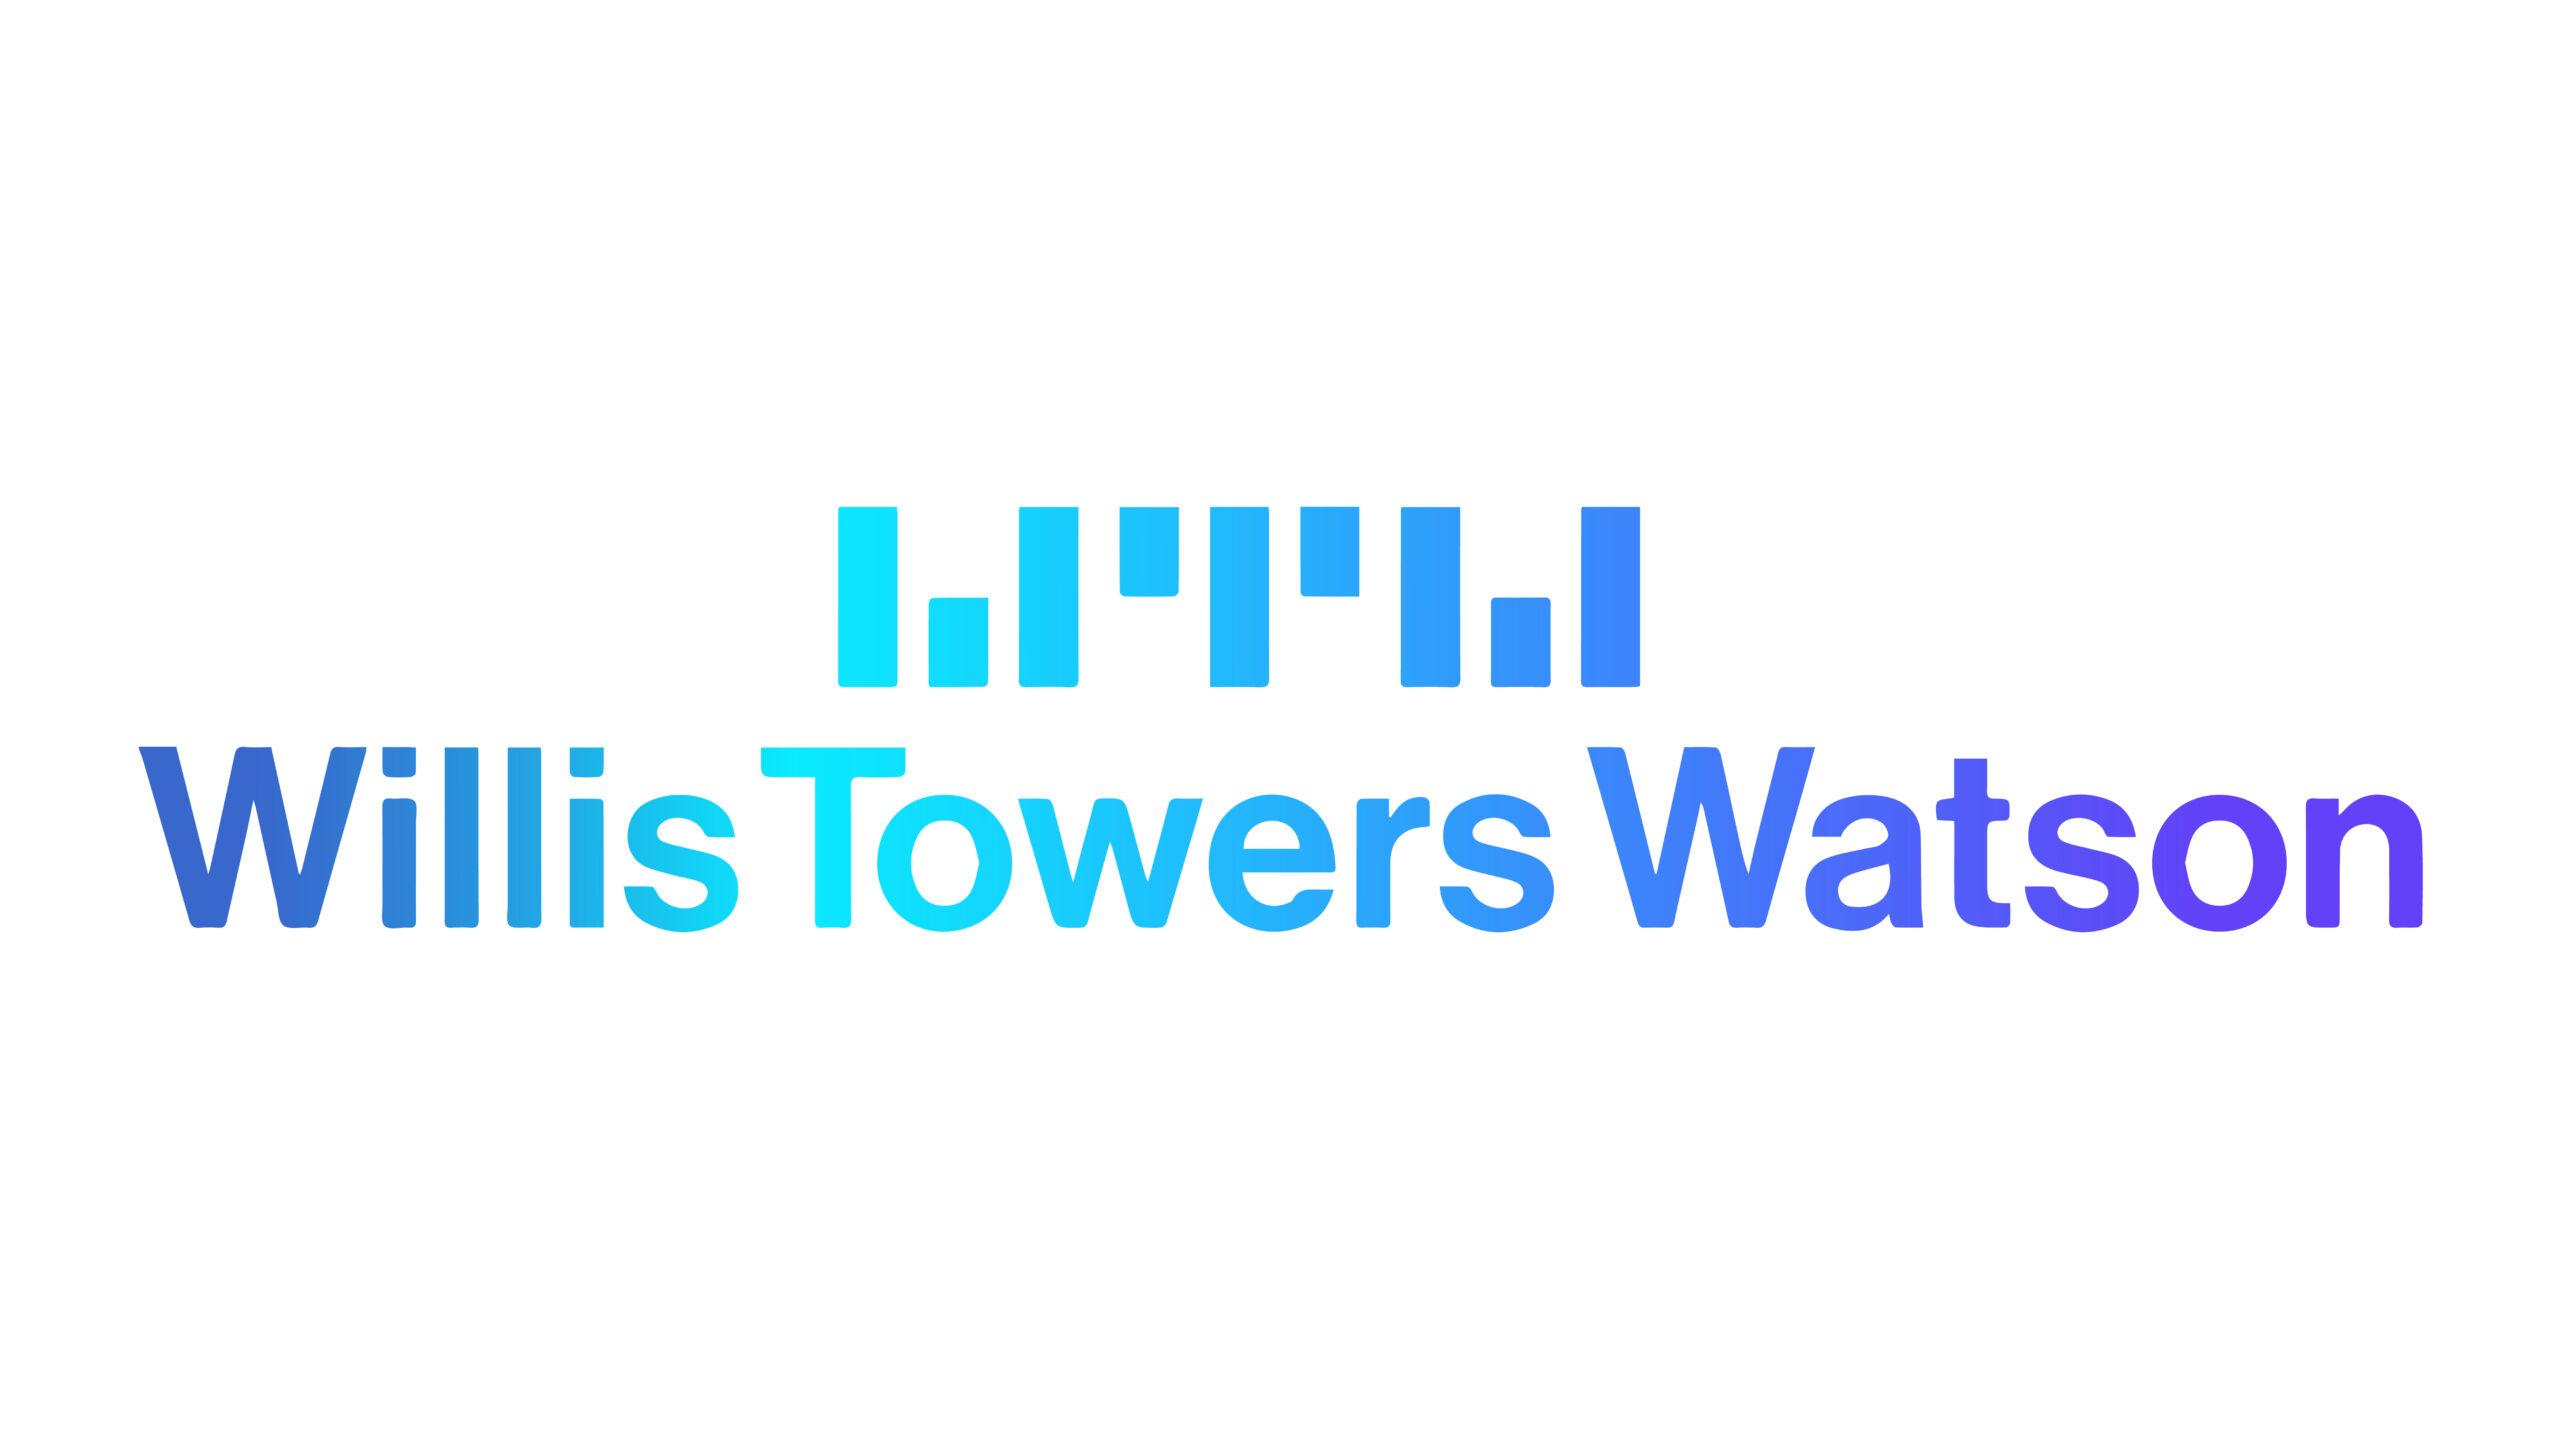 Willis: 2,1 млн долларов бонус 4 руководителям для закрытия перед слиянием с AON